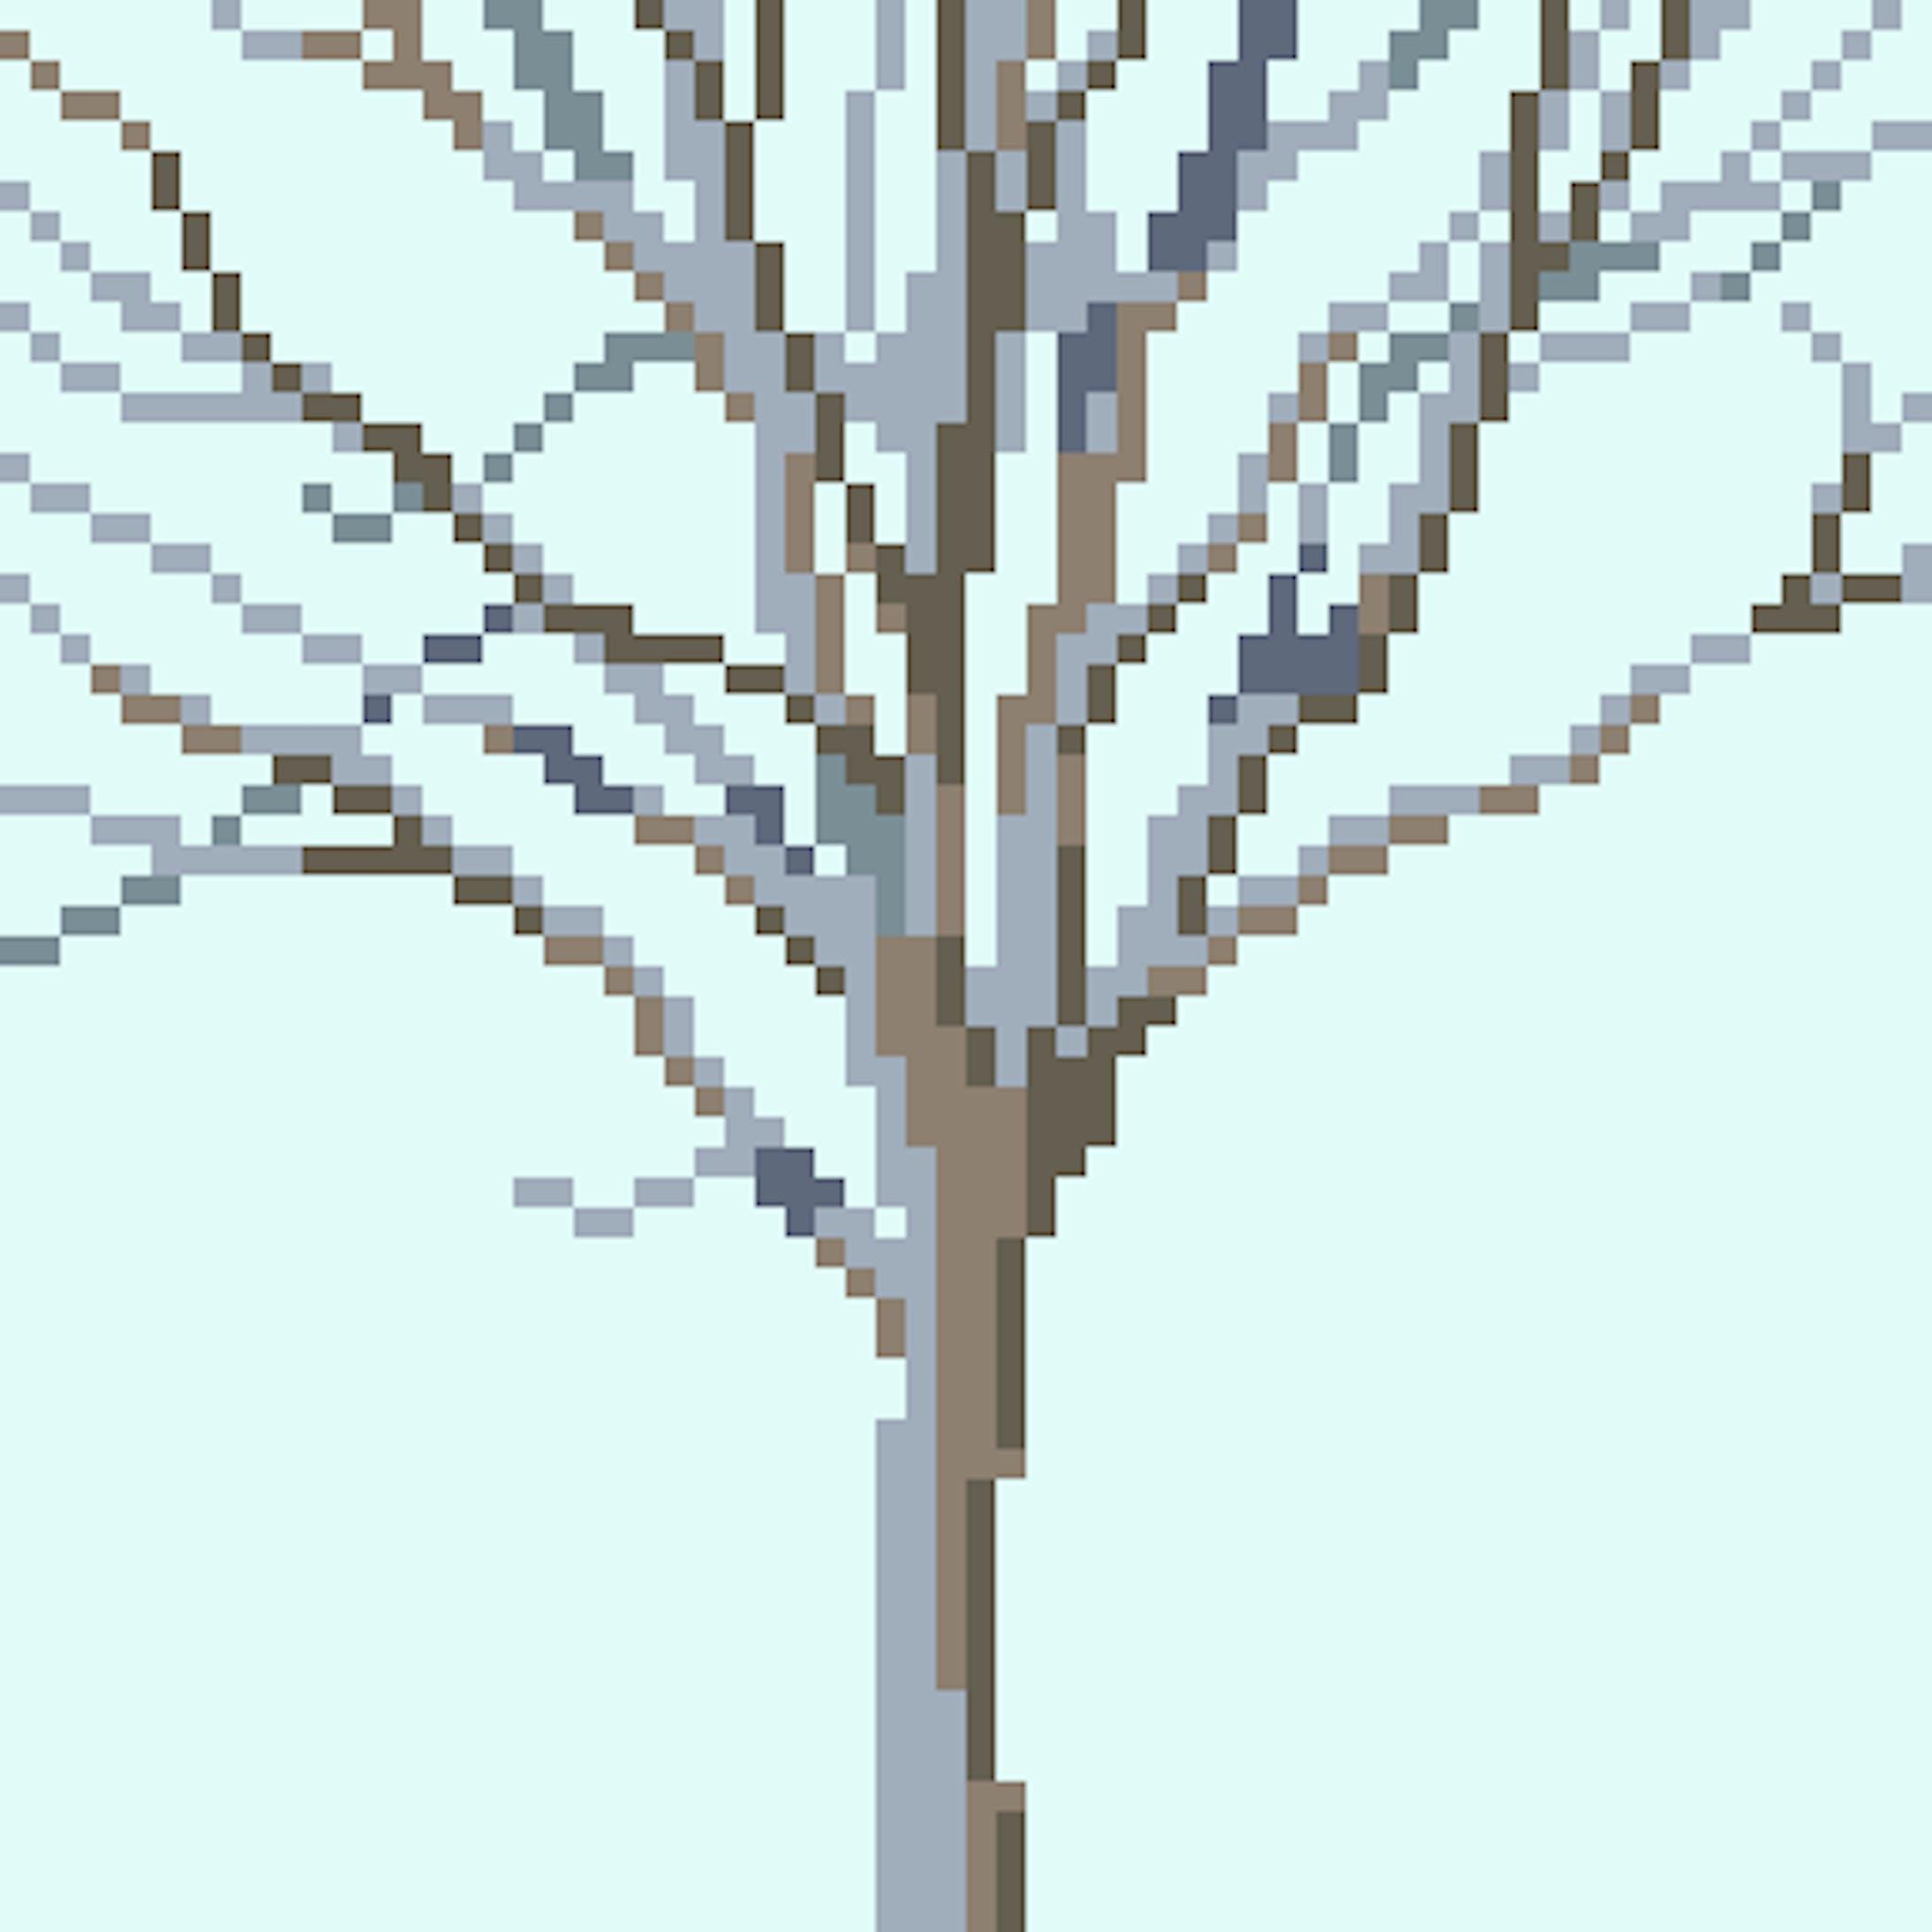 草木のドット絵-3